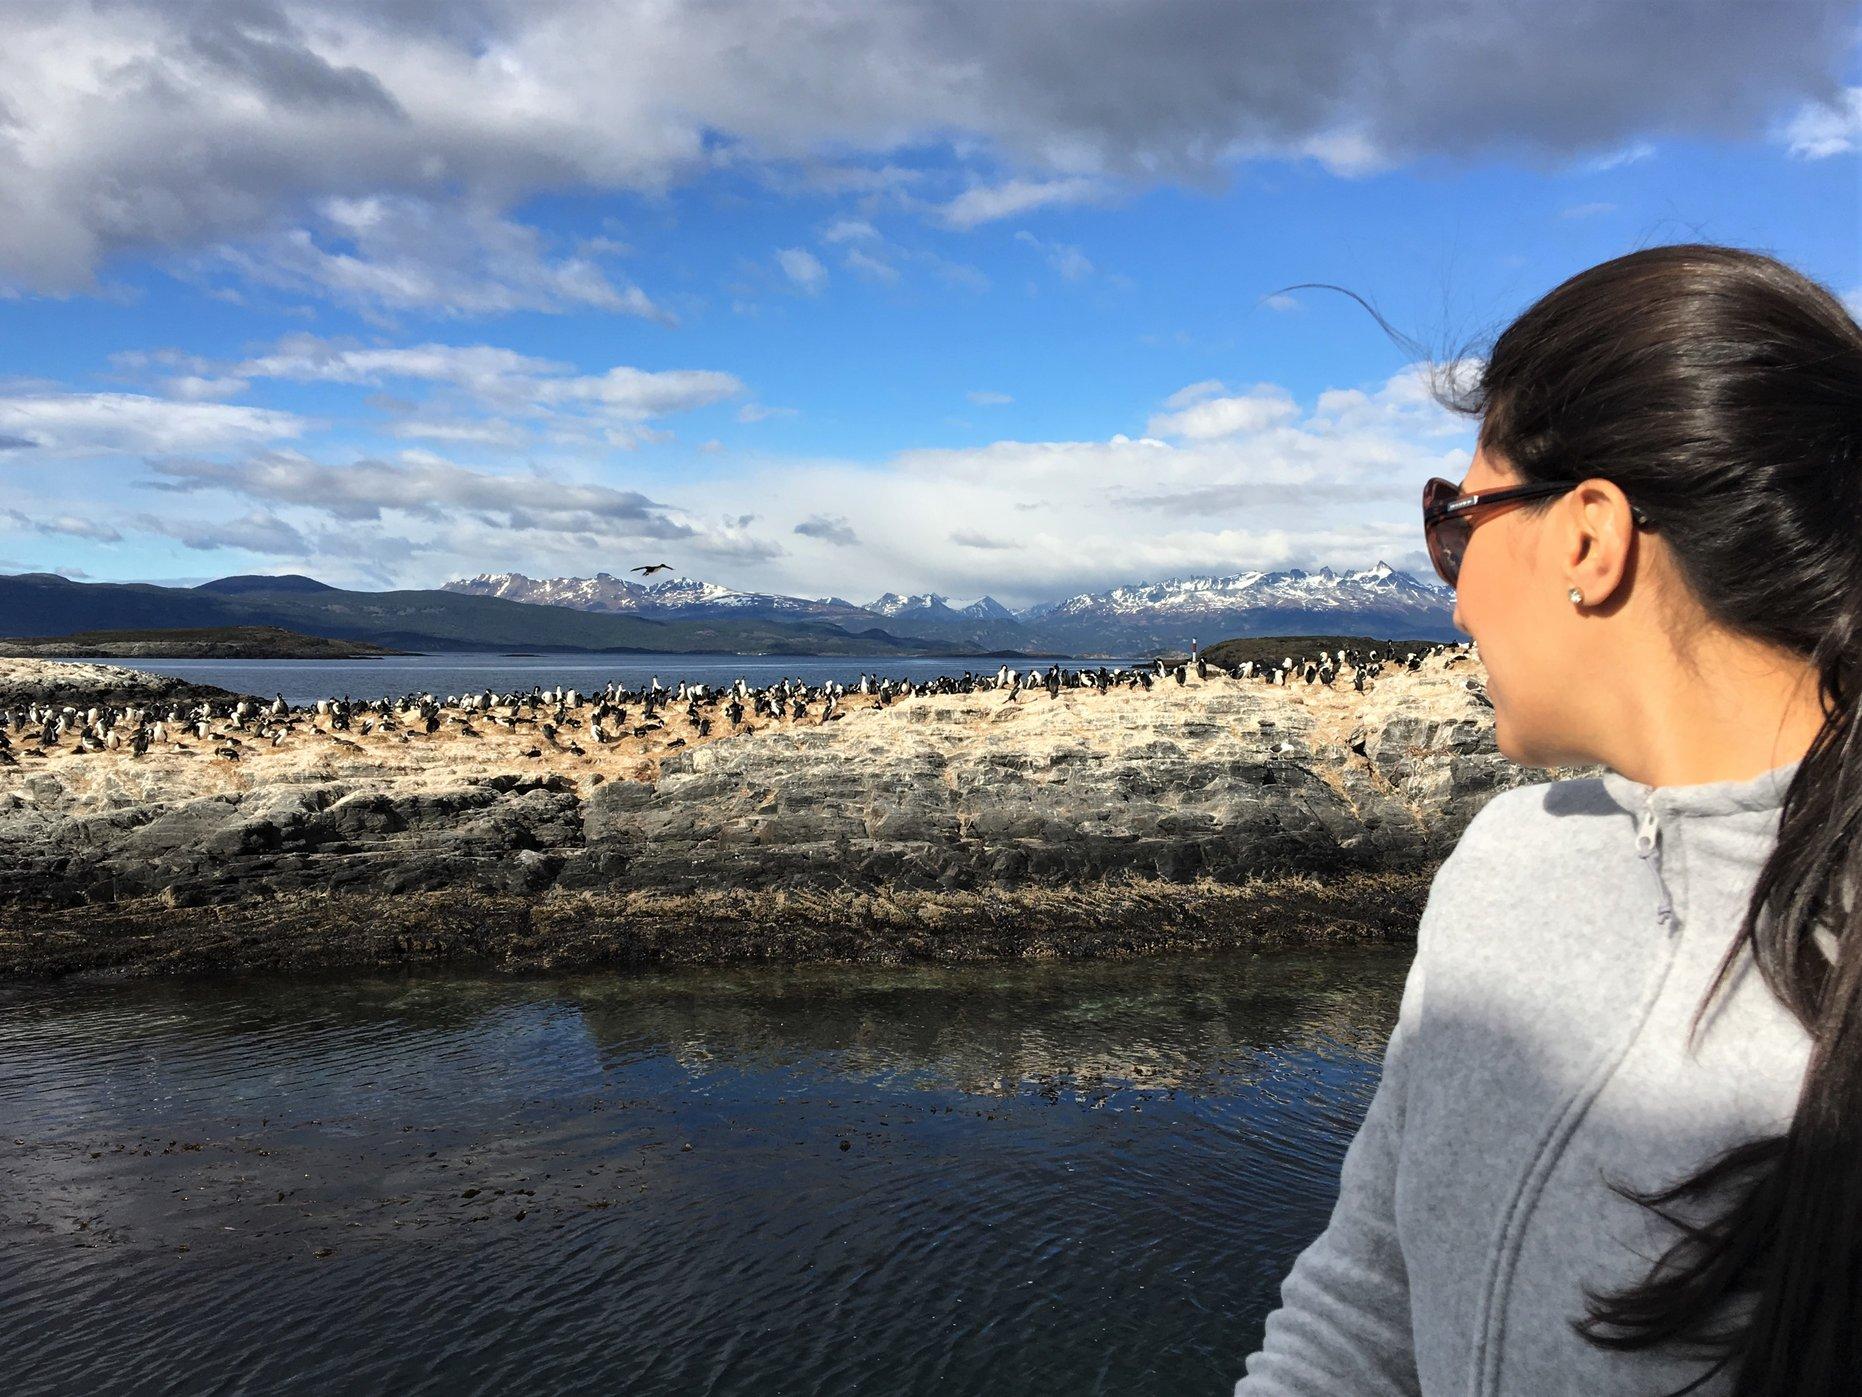 passeio de barco ushuaia farol do fim do mundo leroyviagens  fim do mundo.jpg